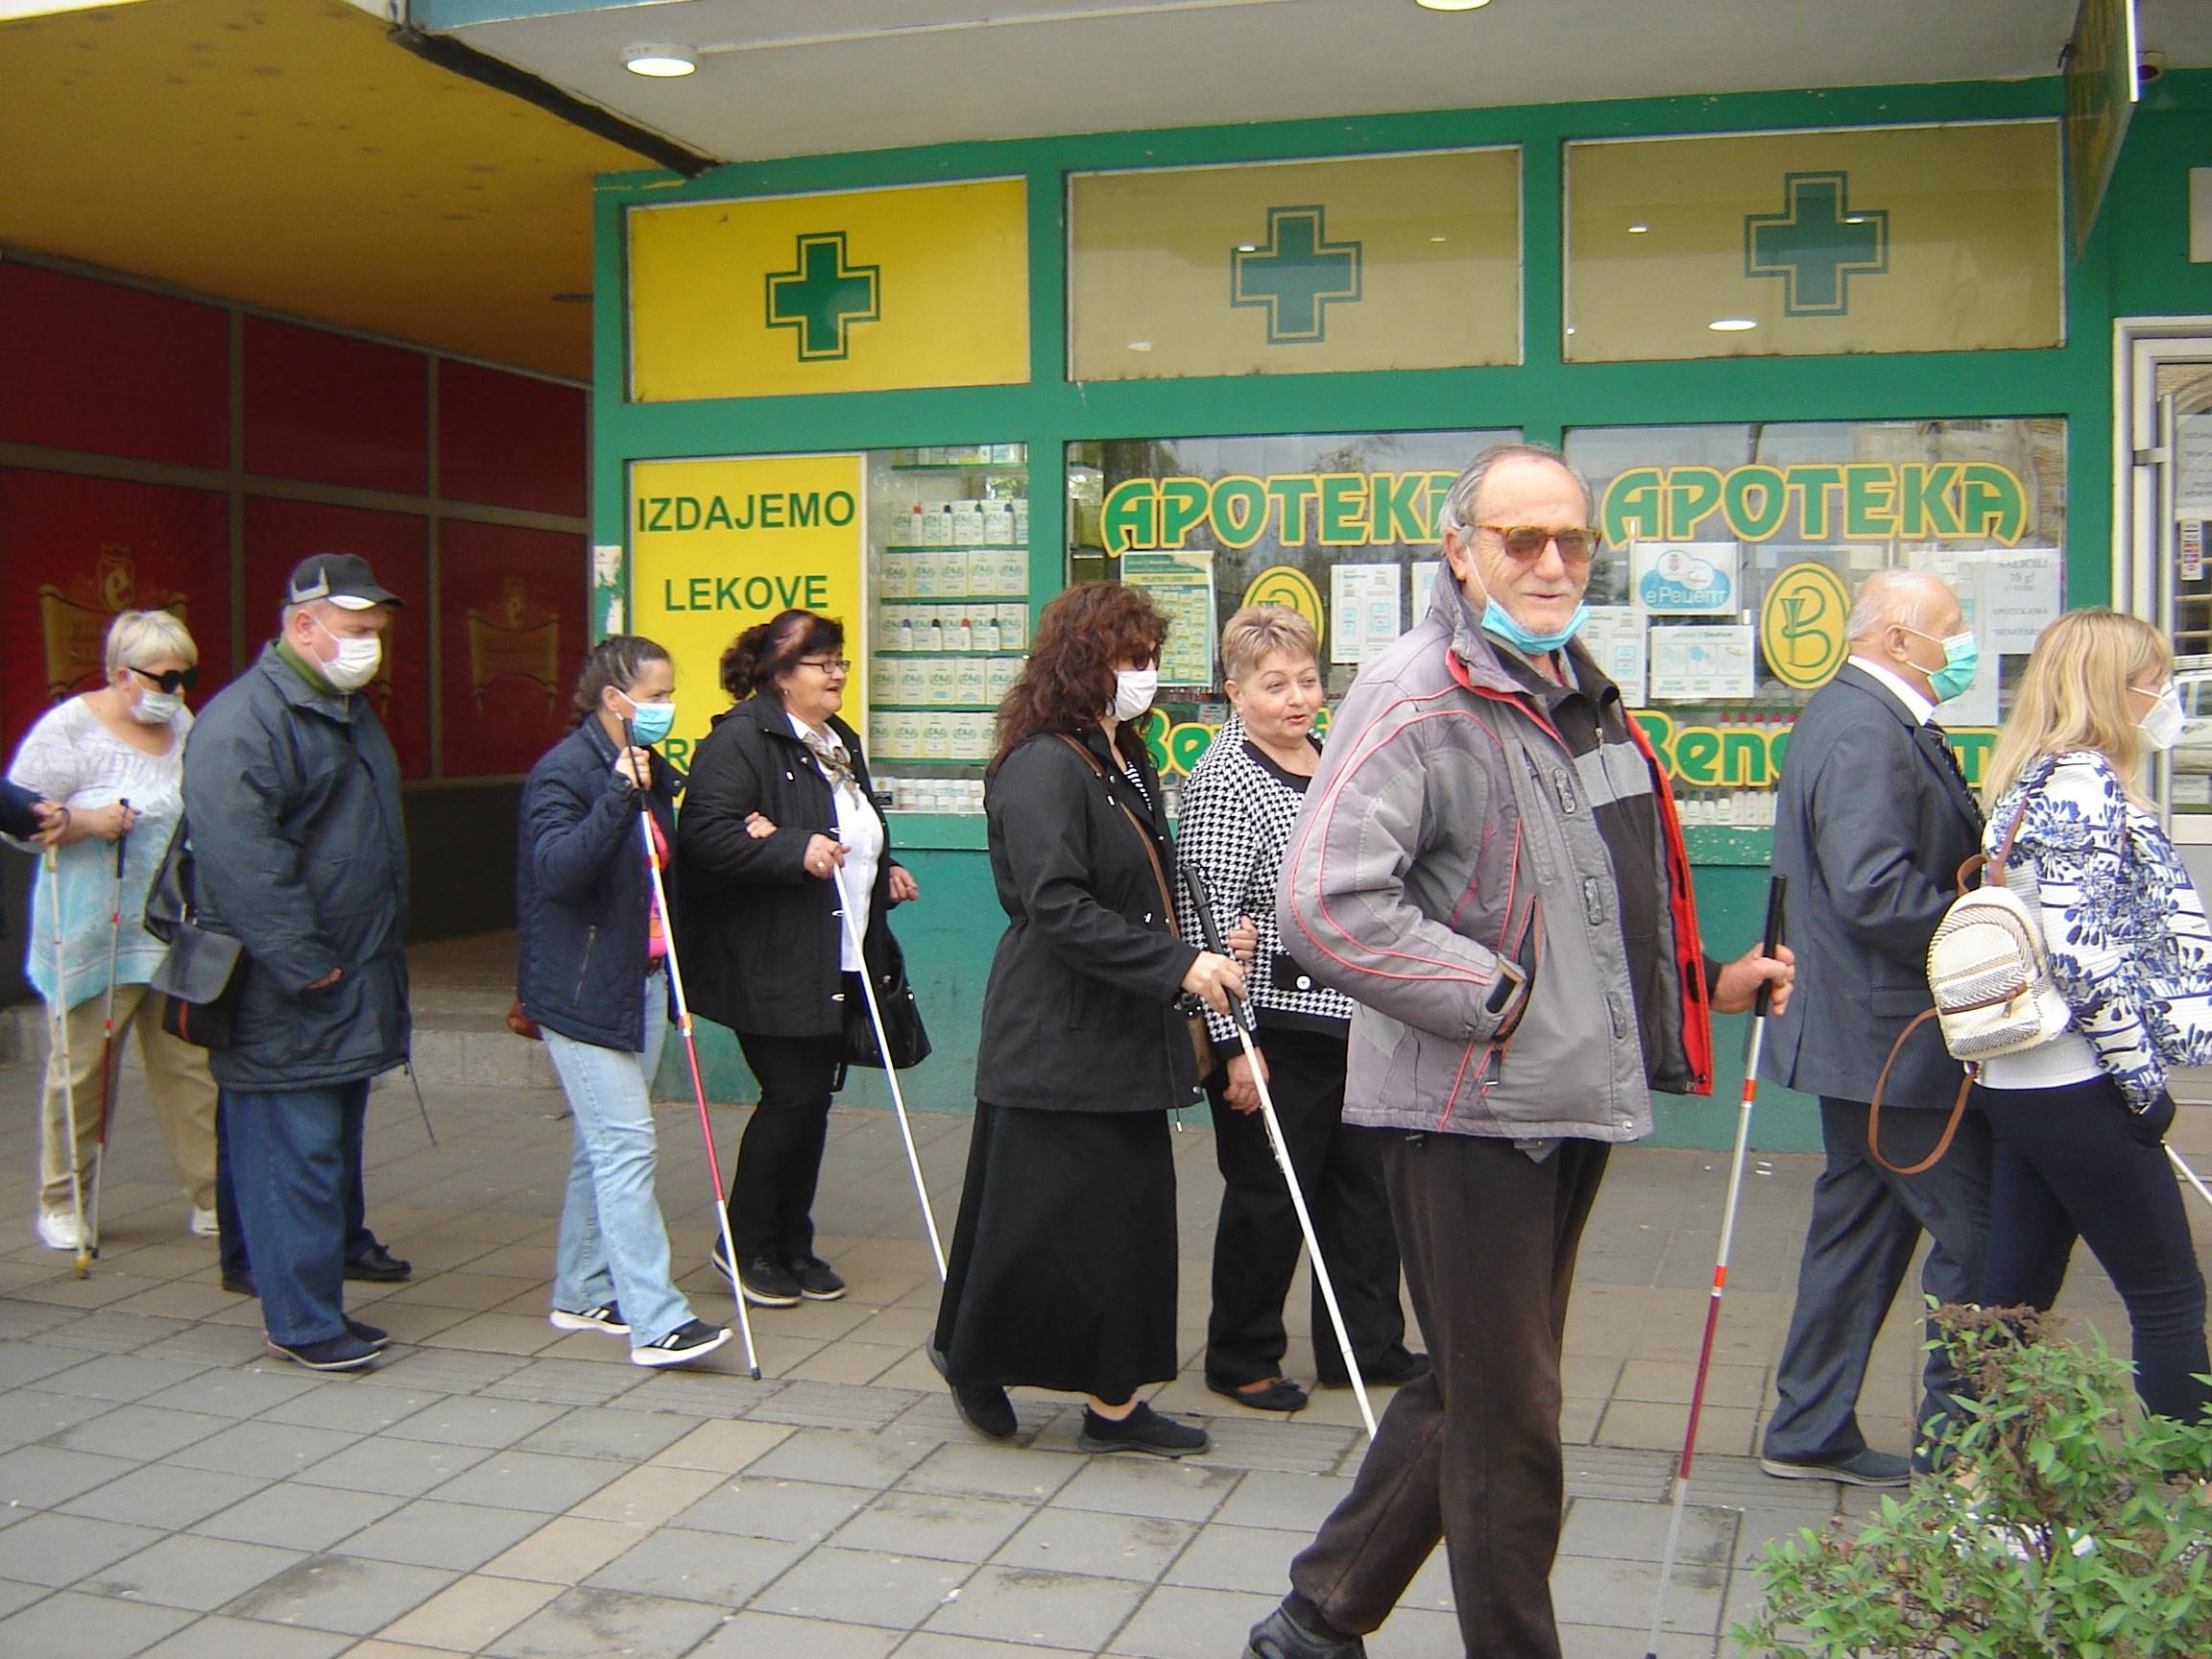 У Лесковцу обележен 15.октобар, Међународни дан слепих